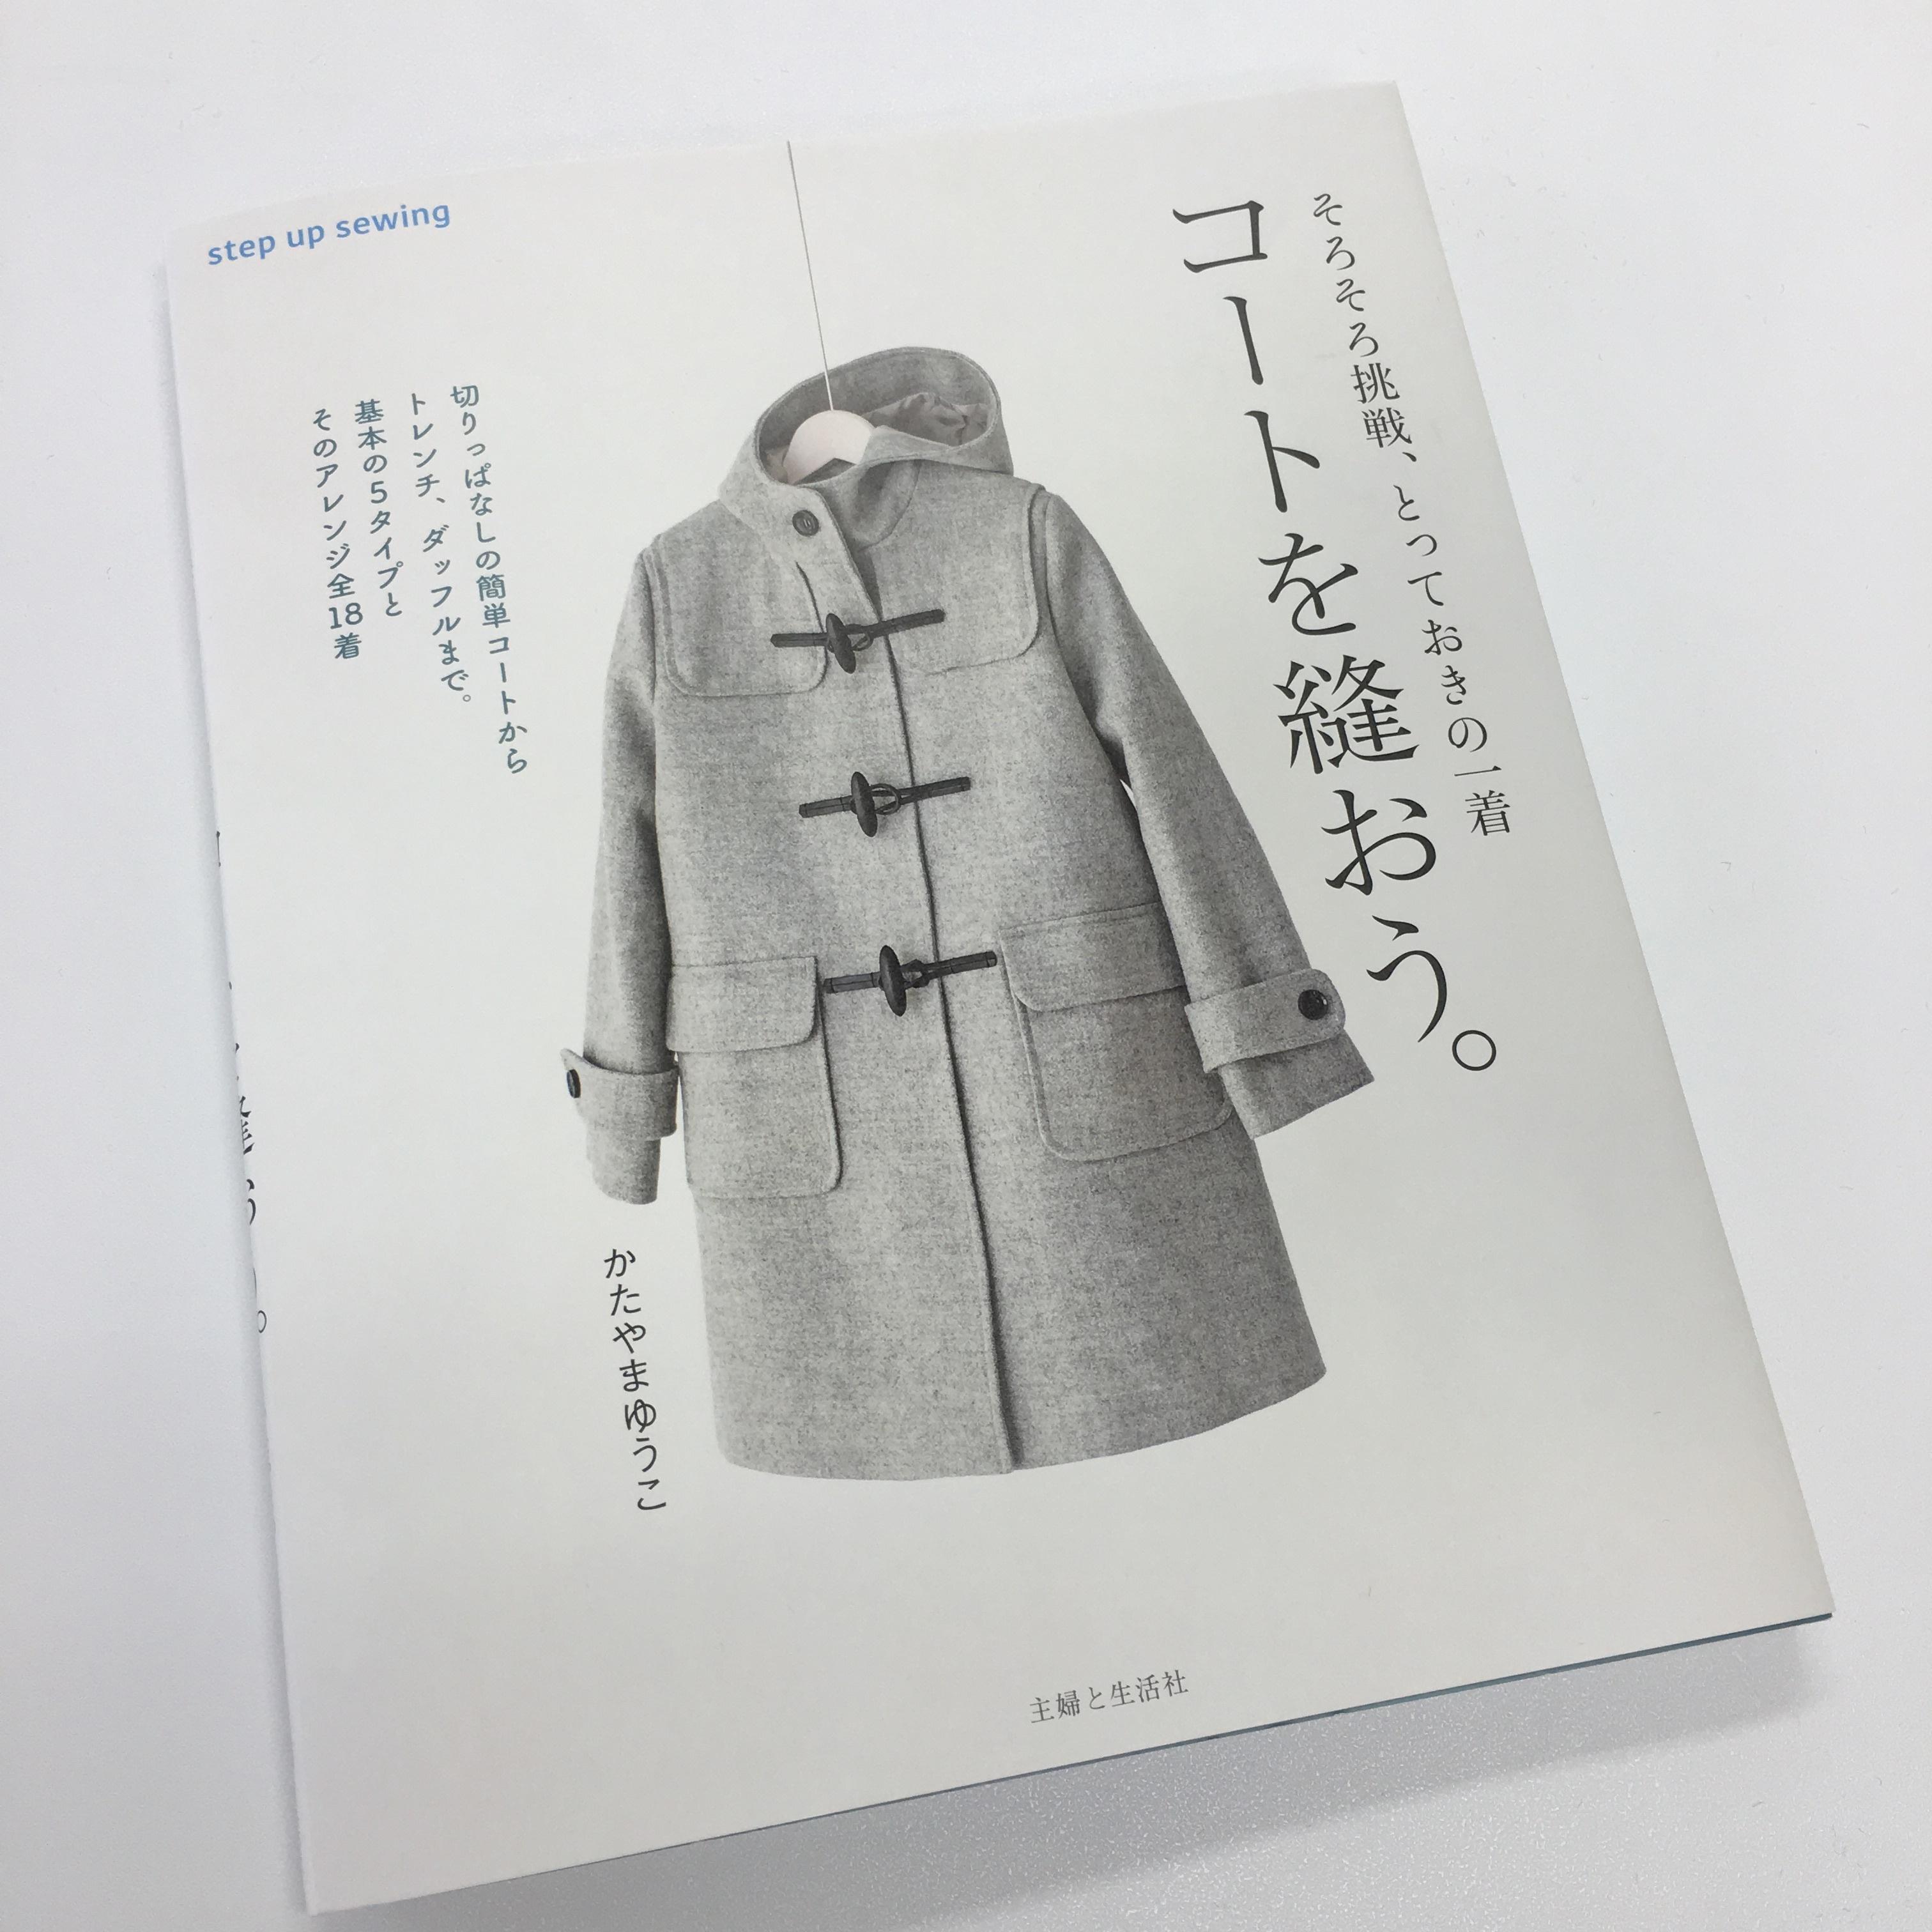 コートを縫おう。 C-3の型紙